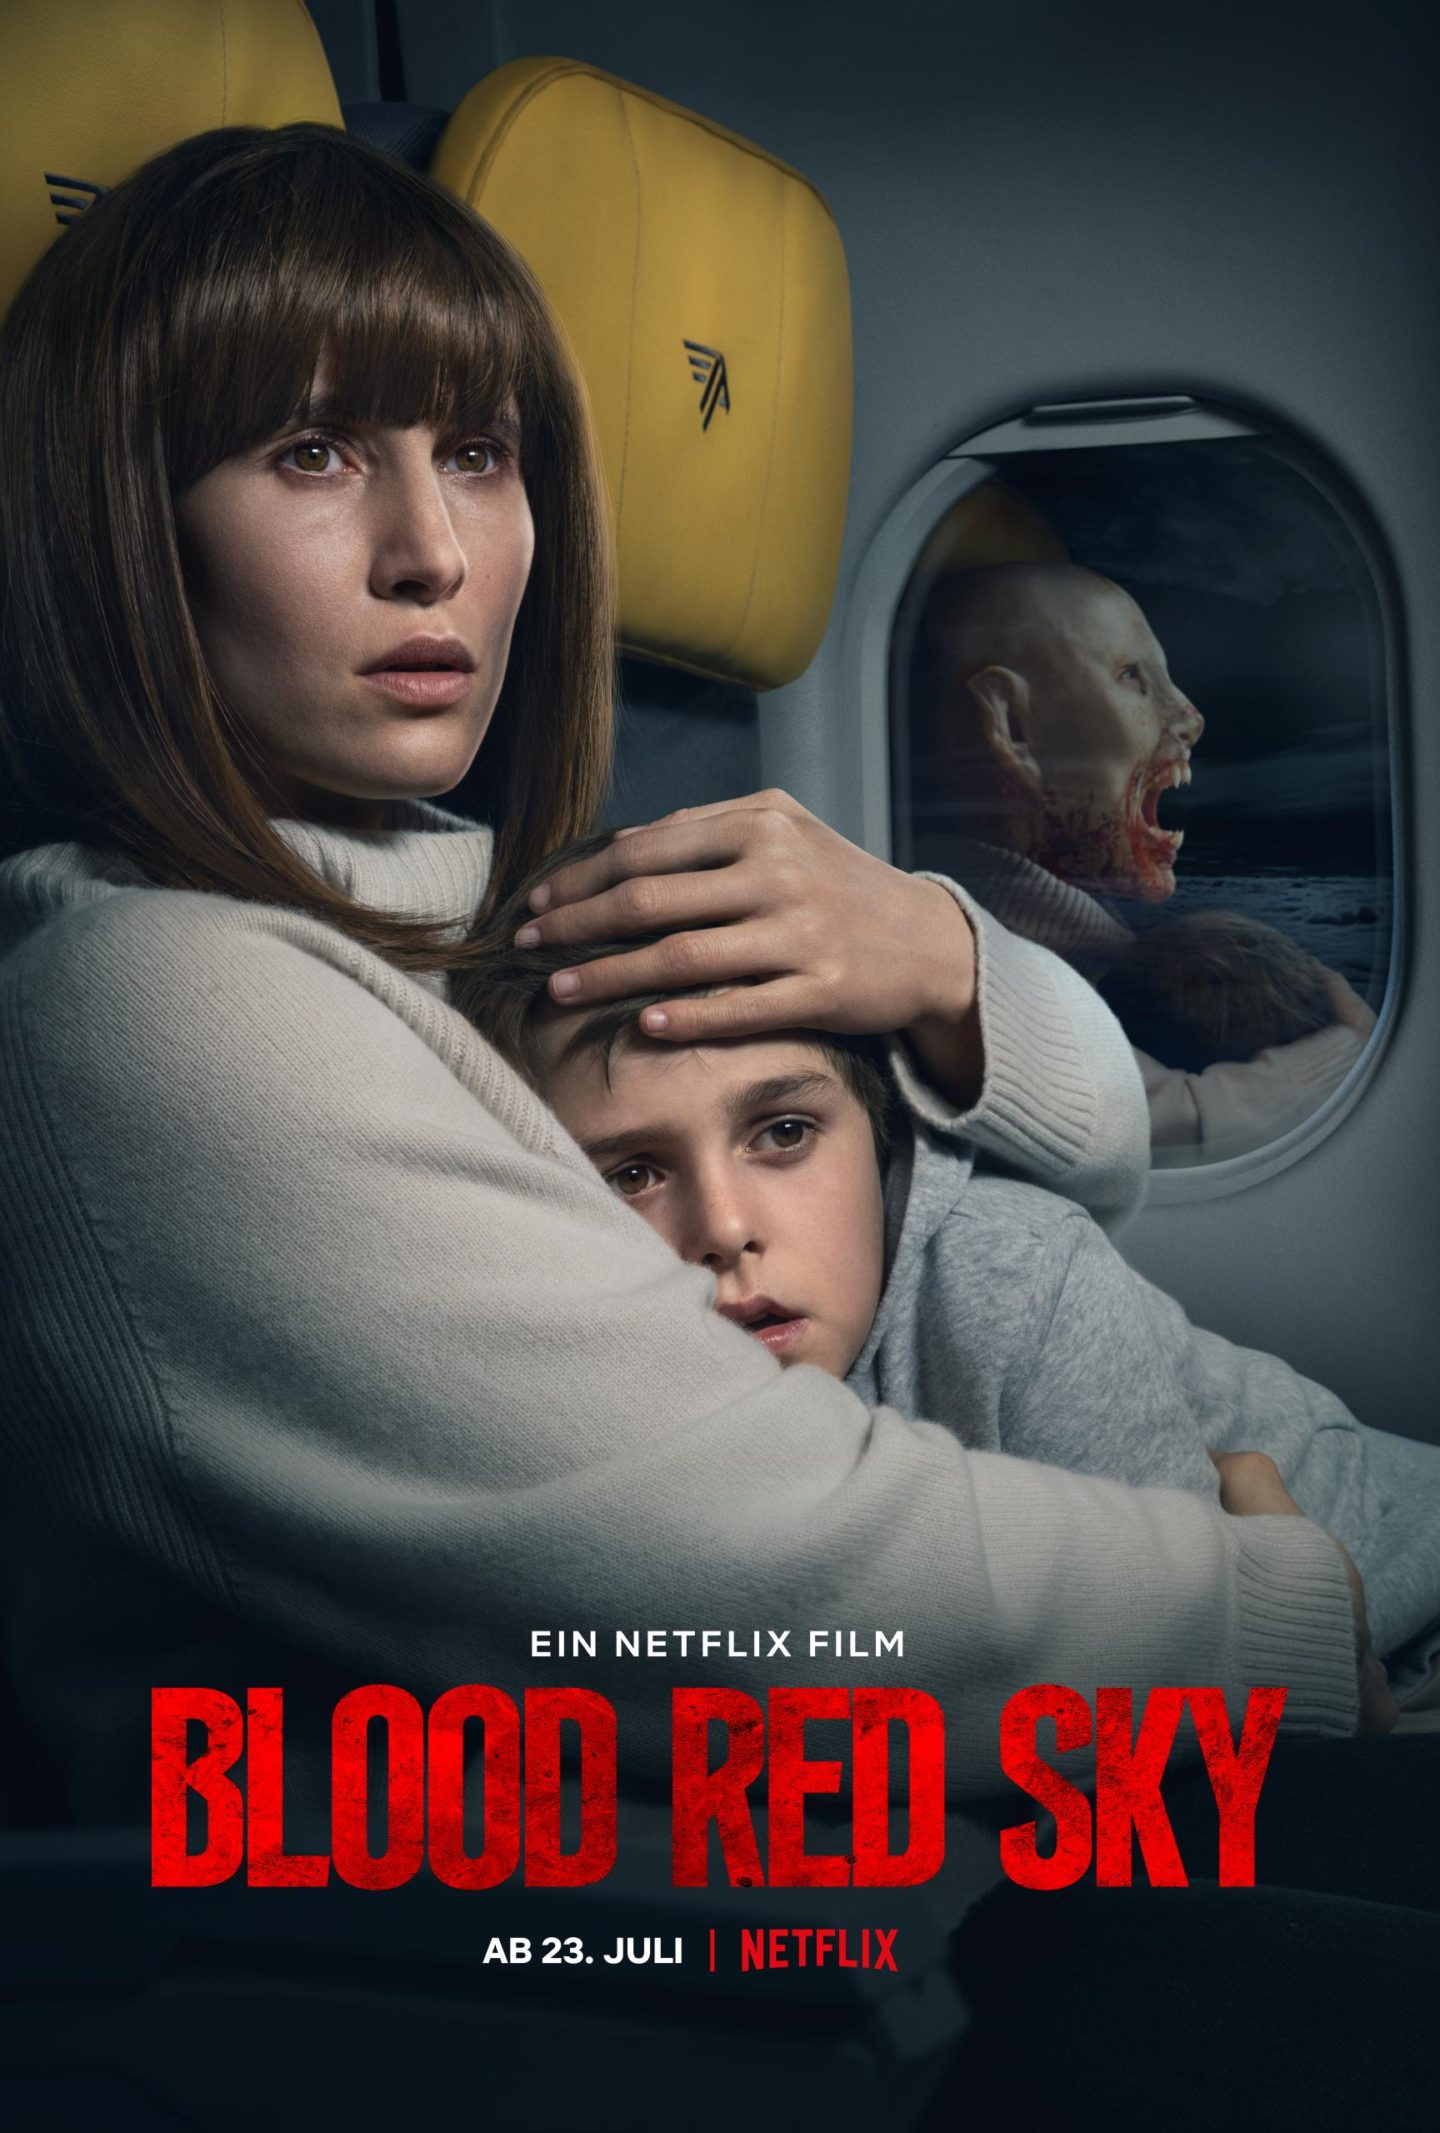 Blood Red Sky – Deutsches Netflix Poster